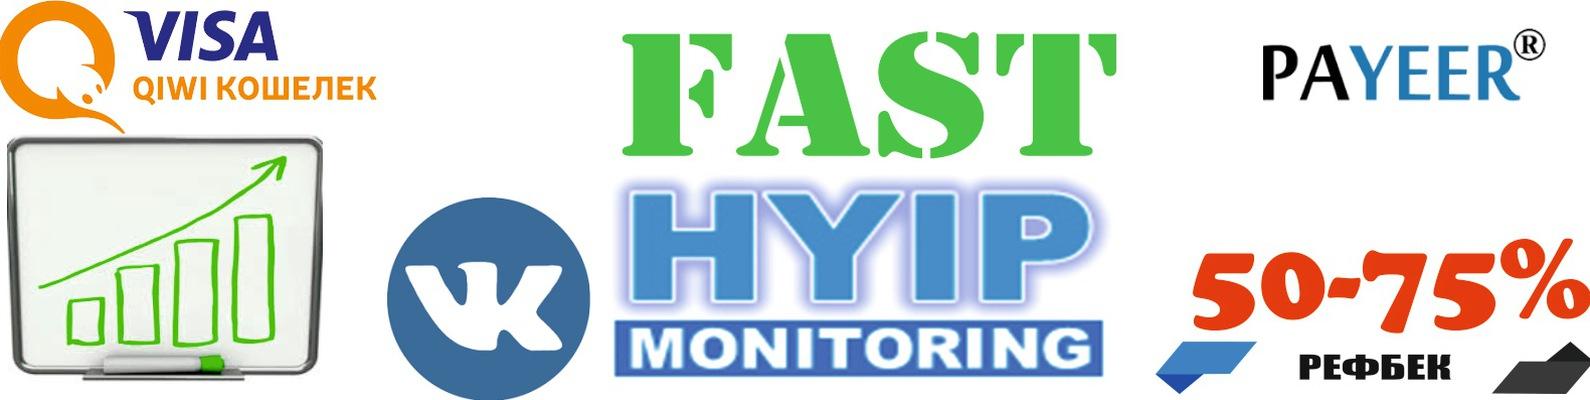 Бесплатный мониторинг хайпов киви кошелек